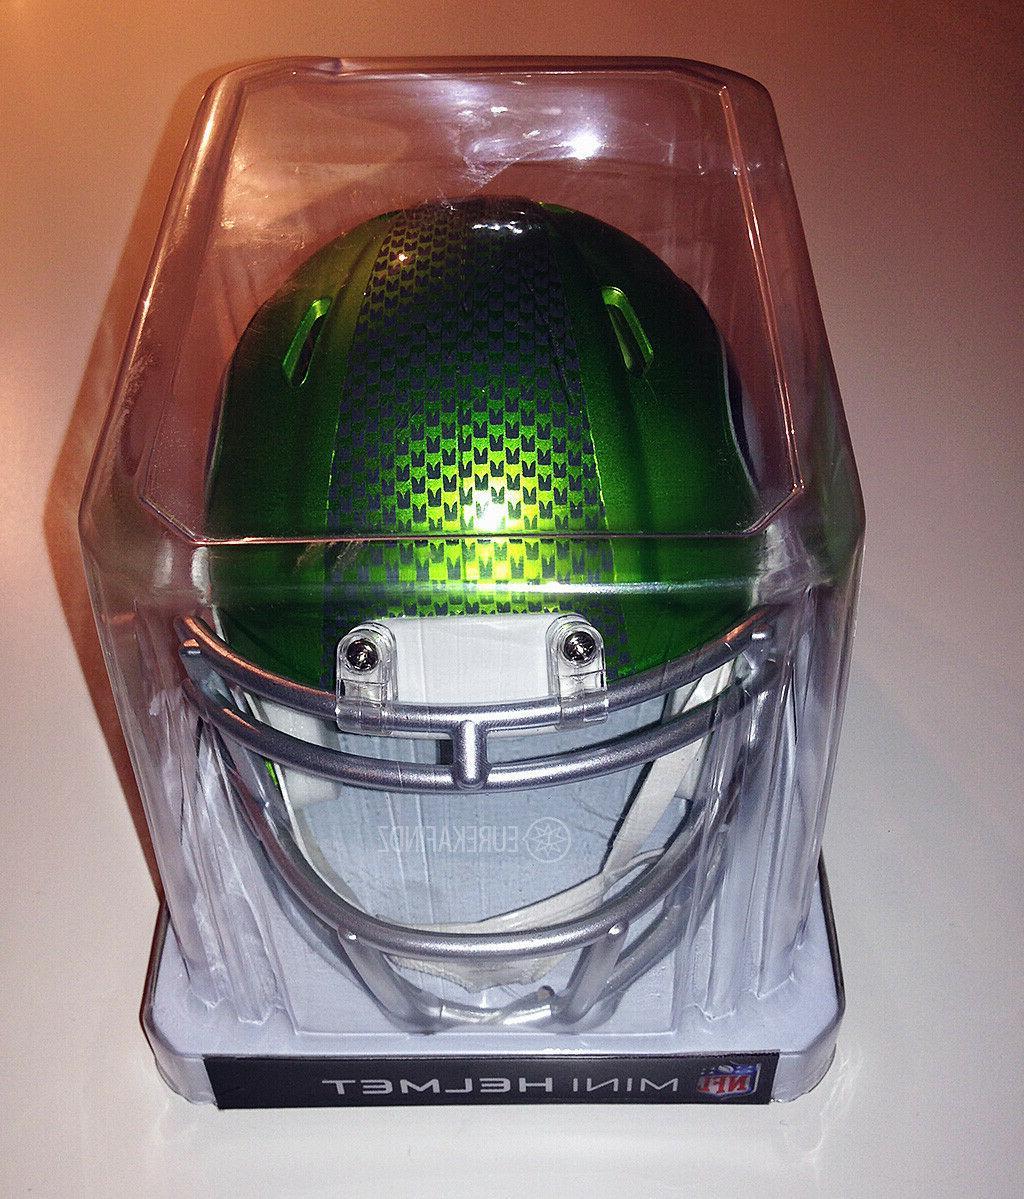 Riddell NFL Seahawks Alternate Speed Helmet New